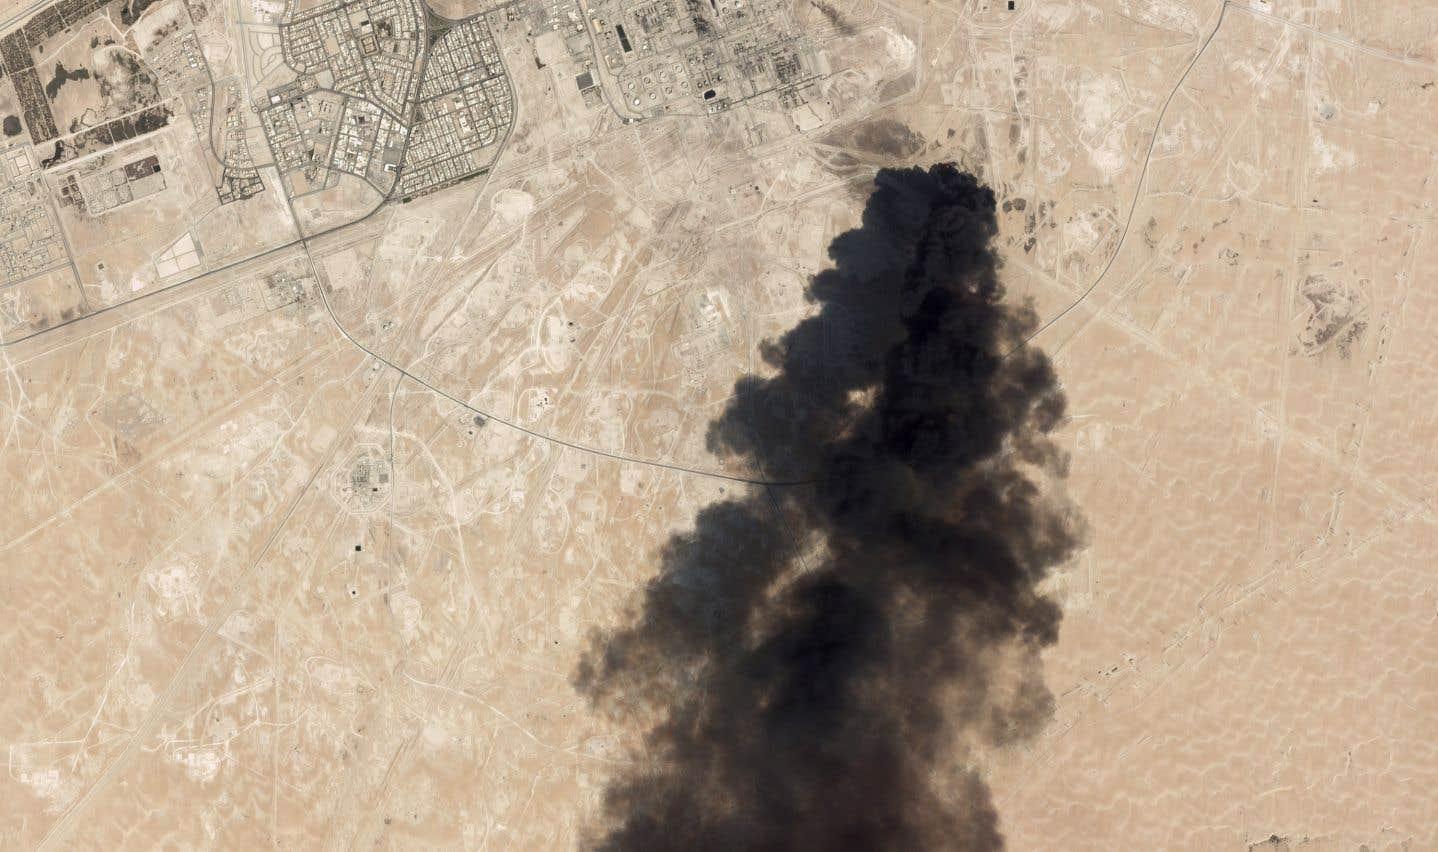 Une image satellite montre de la fumée noire provenant des installations pétrolières d'Aramco. La production de pétrole saoudien a été perturbée par une frappe de drones contre deux installations. La Maison-Blanche a accusé l'Iran d'être à l'origine de ces attaques.